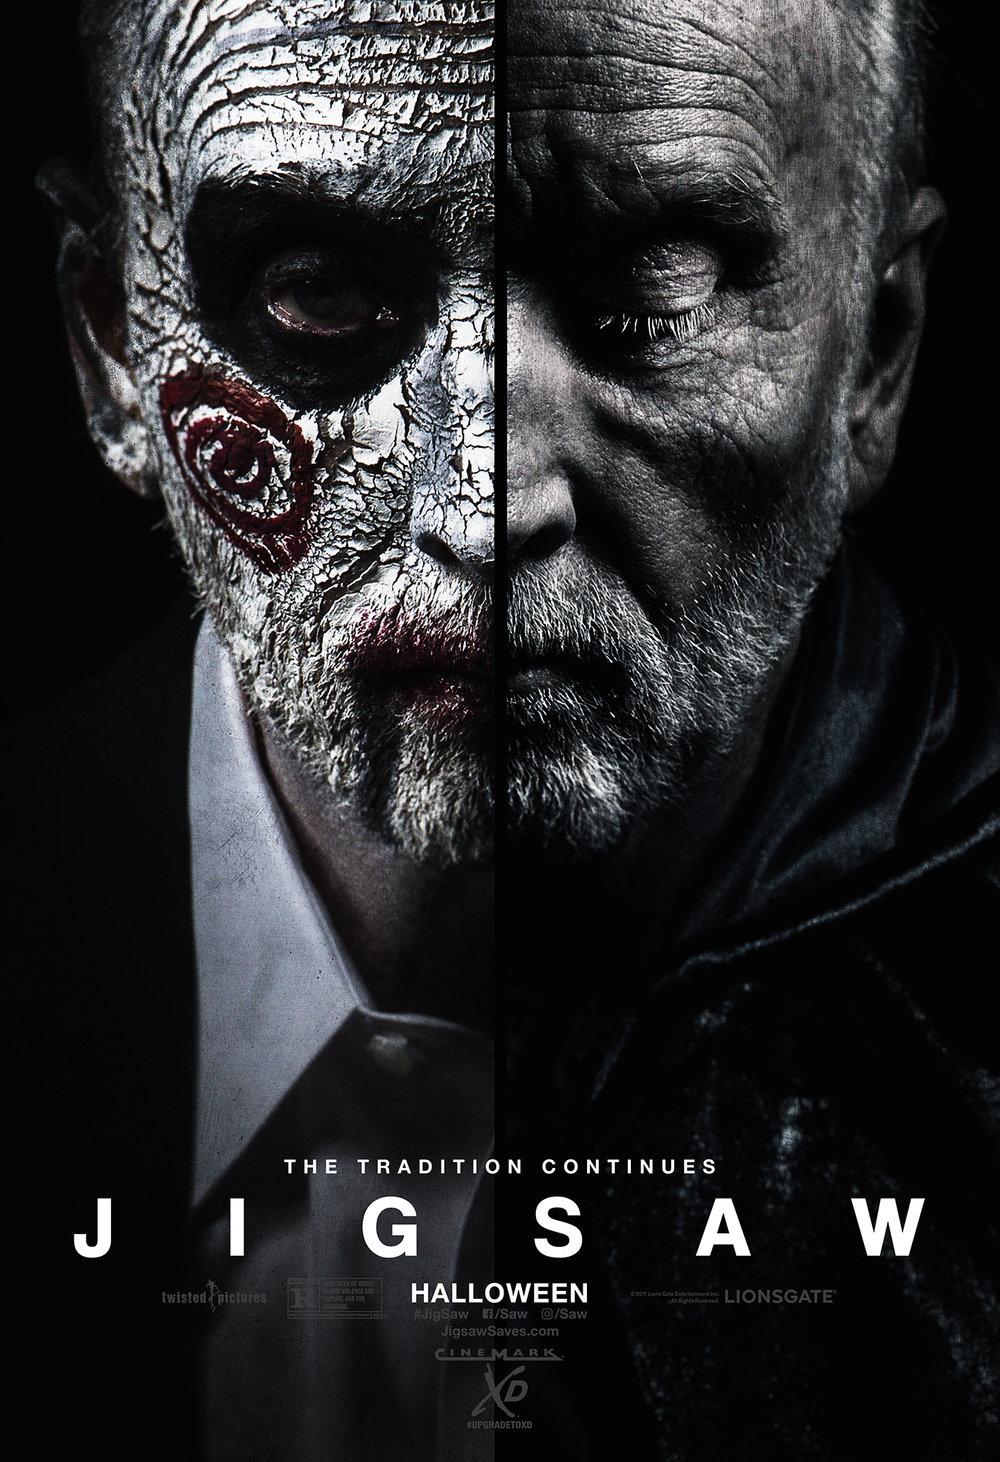 Jigsaw_Cinemark_Poster_13x19_100dpi.jpg